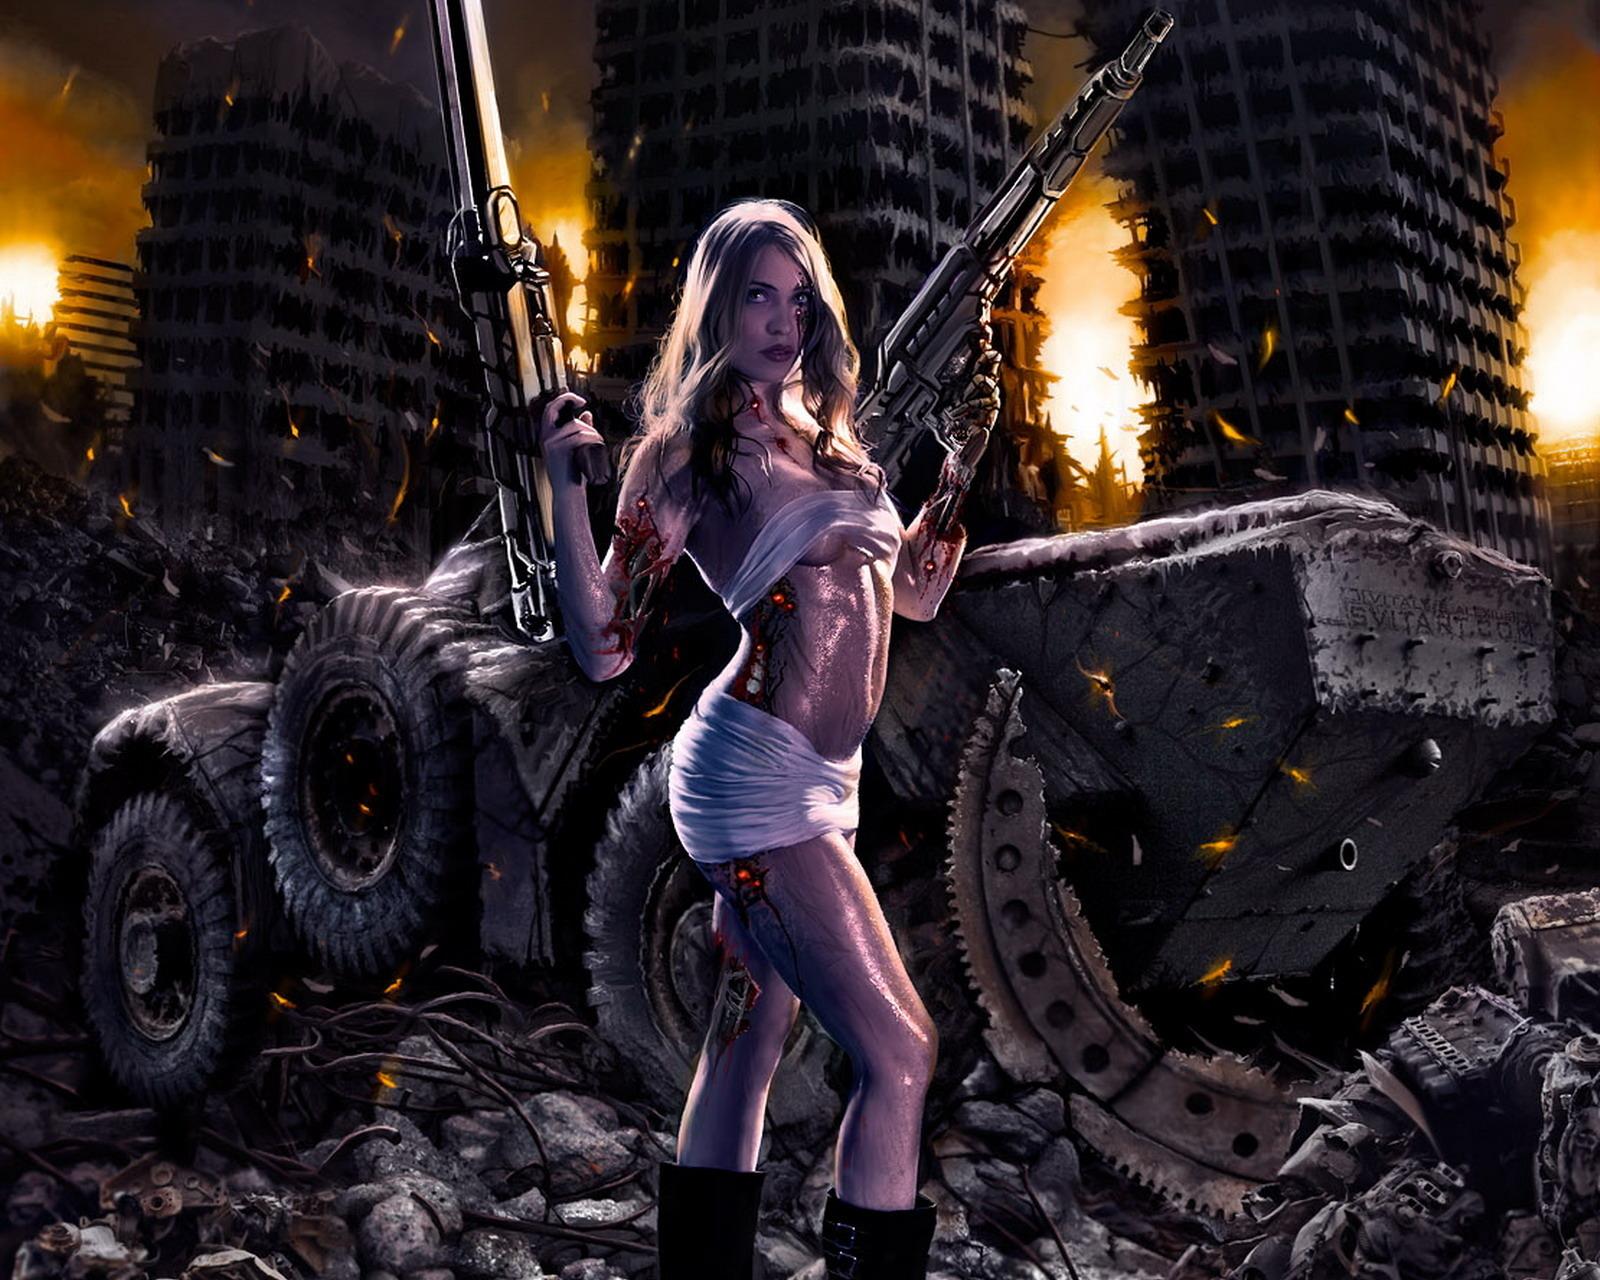 Картинки девушки из фантастики